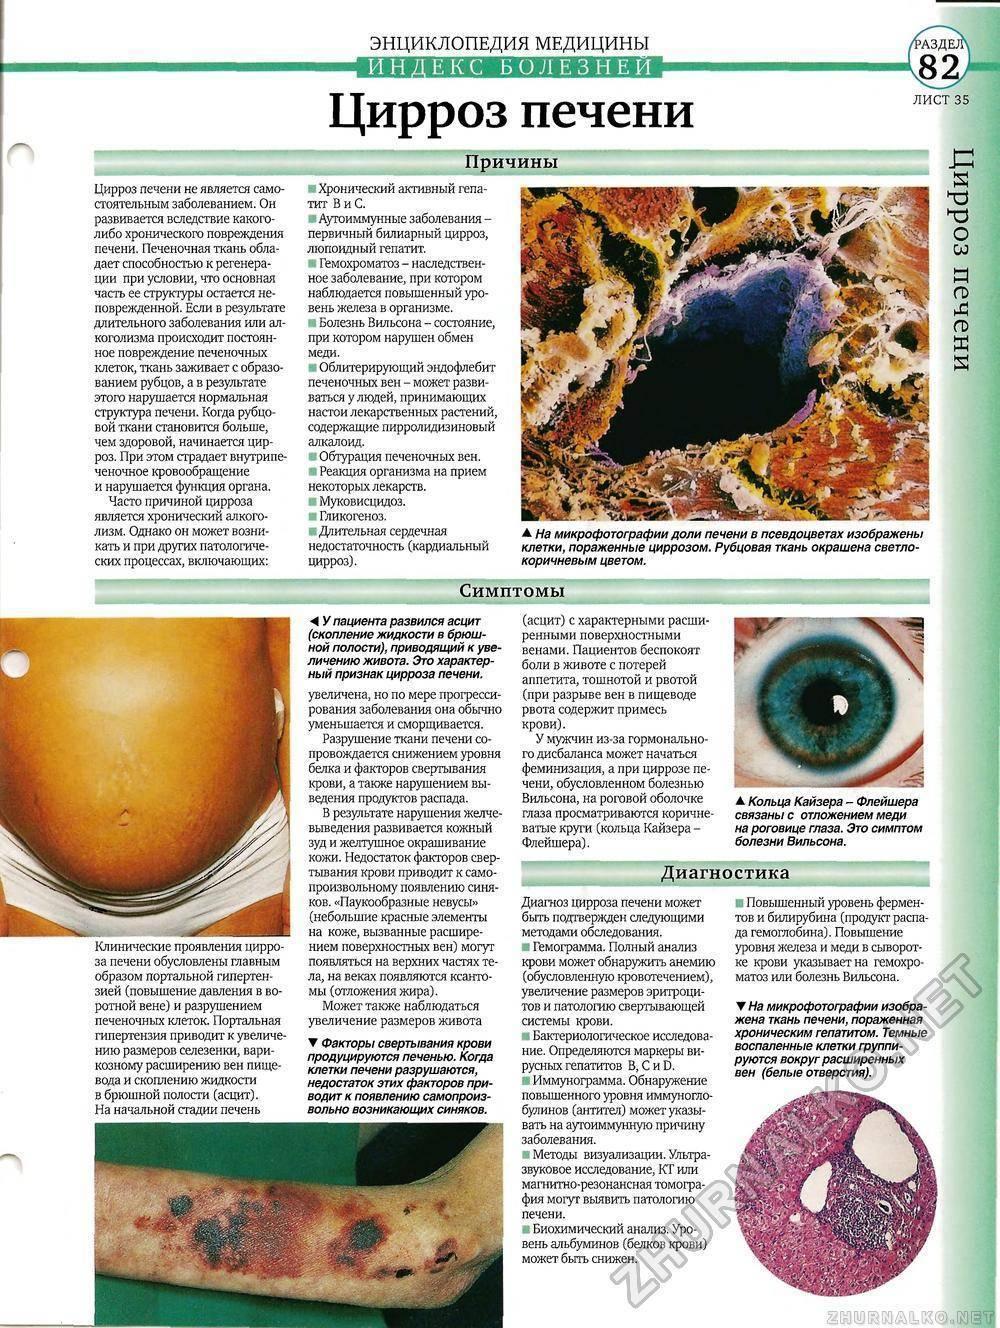 биохимия при циррозе печени